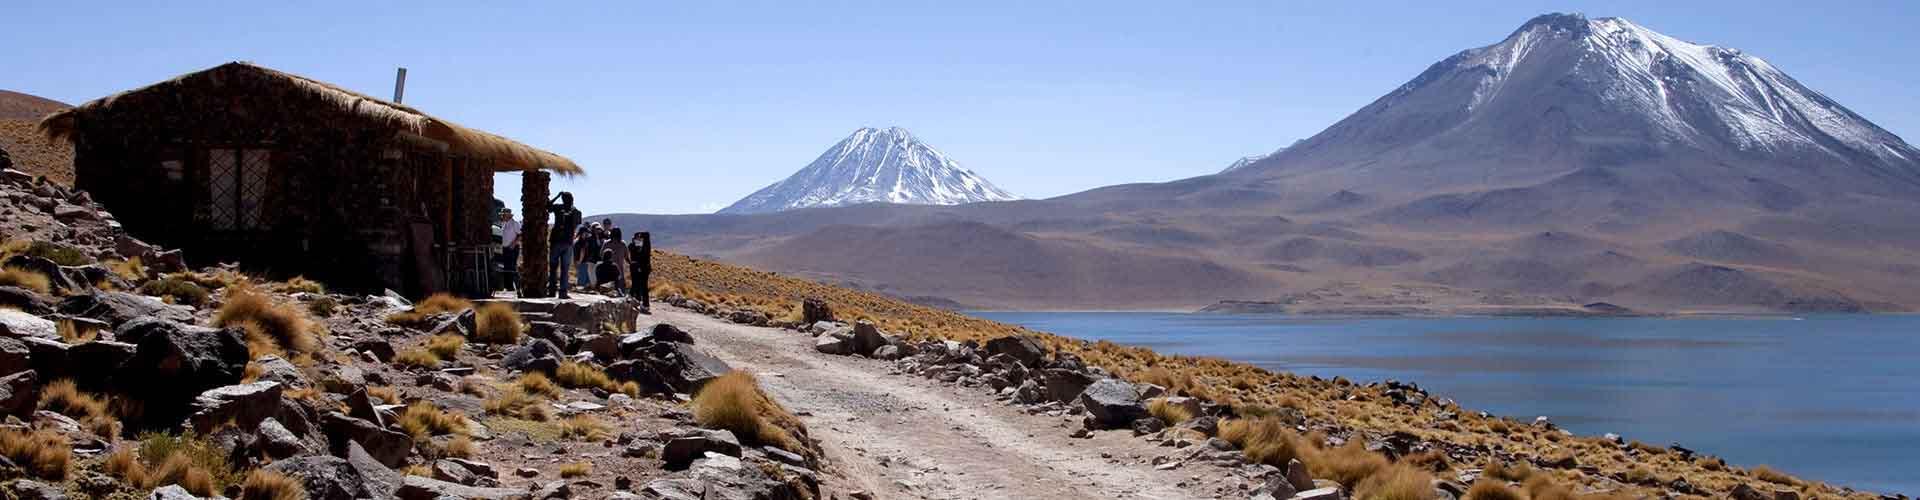 San Pedro de Atacama - Camping à San Pedro de Atacama. Cartes pour San Pedro de Atacama, photos et commentaires pour chaque Camping à San Pedro de Atacama.